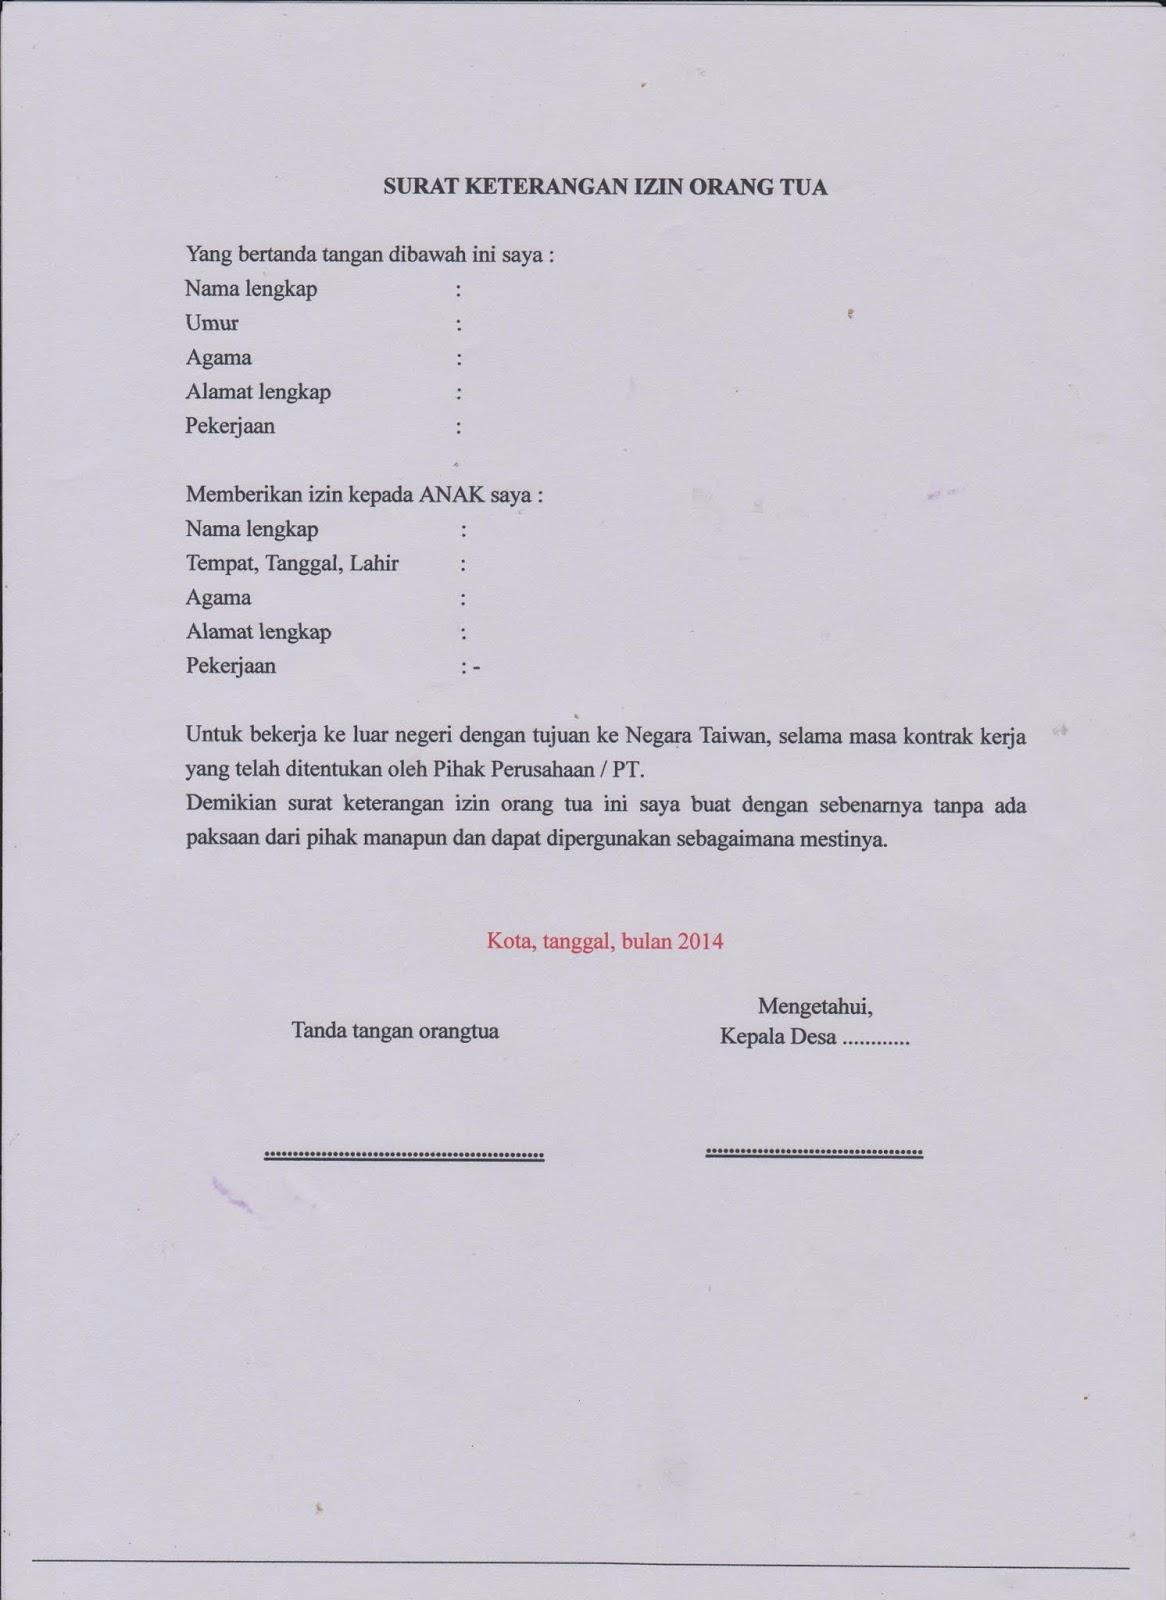 Contoh Surat Pernyataan Izin Dari Suami Detil Gambar Online